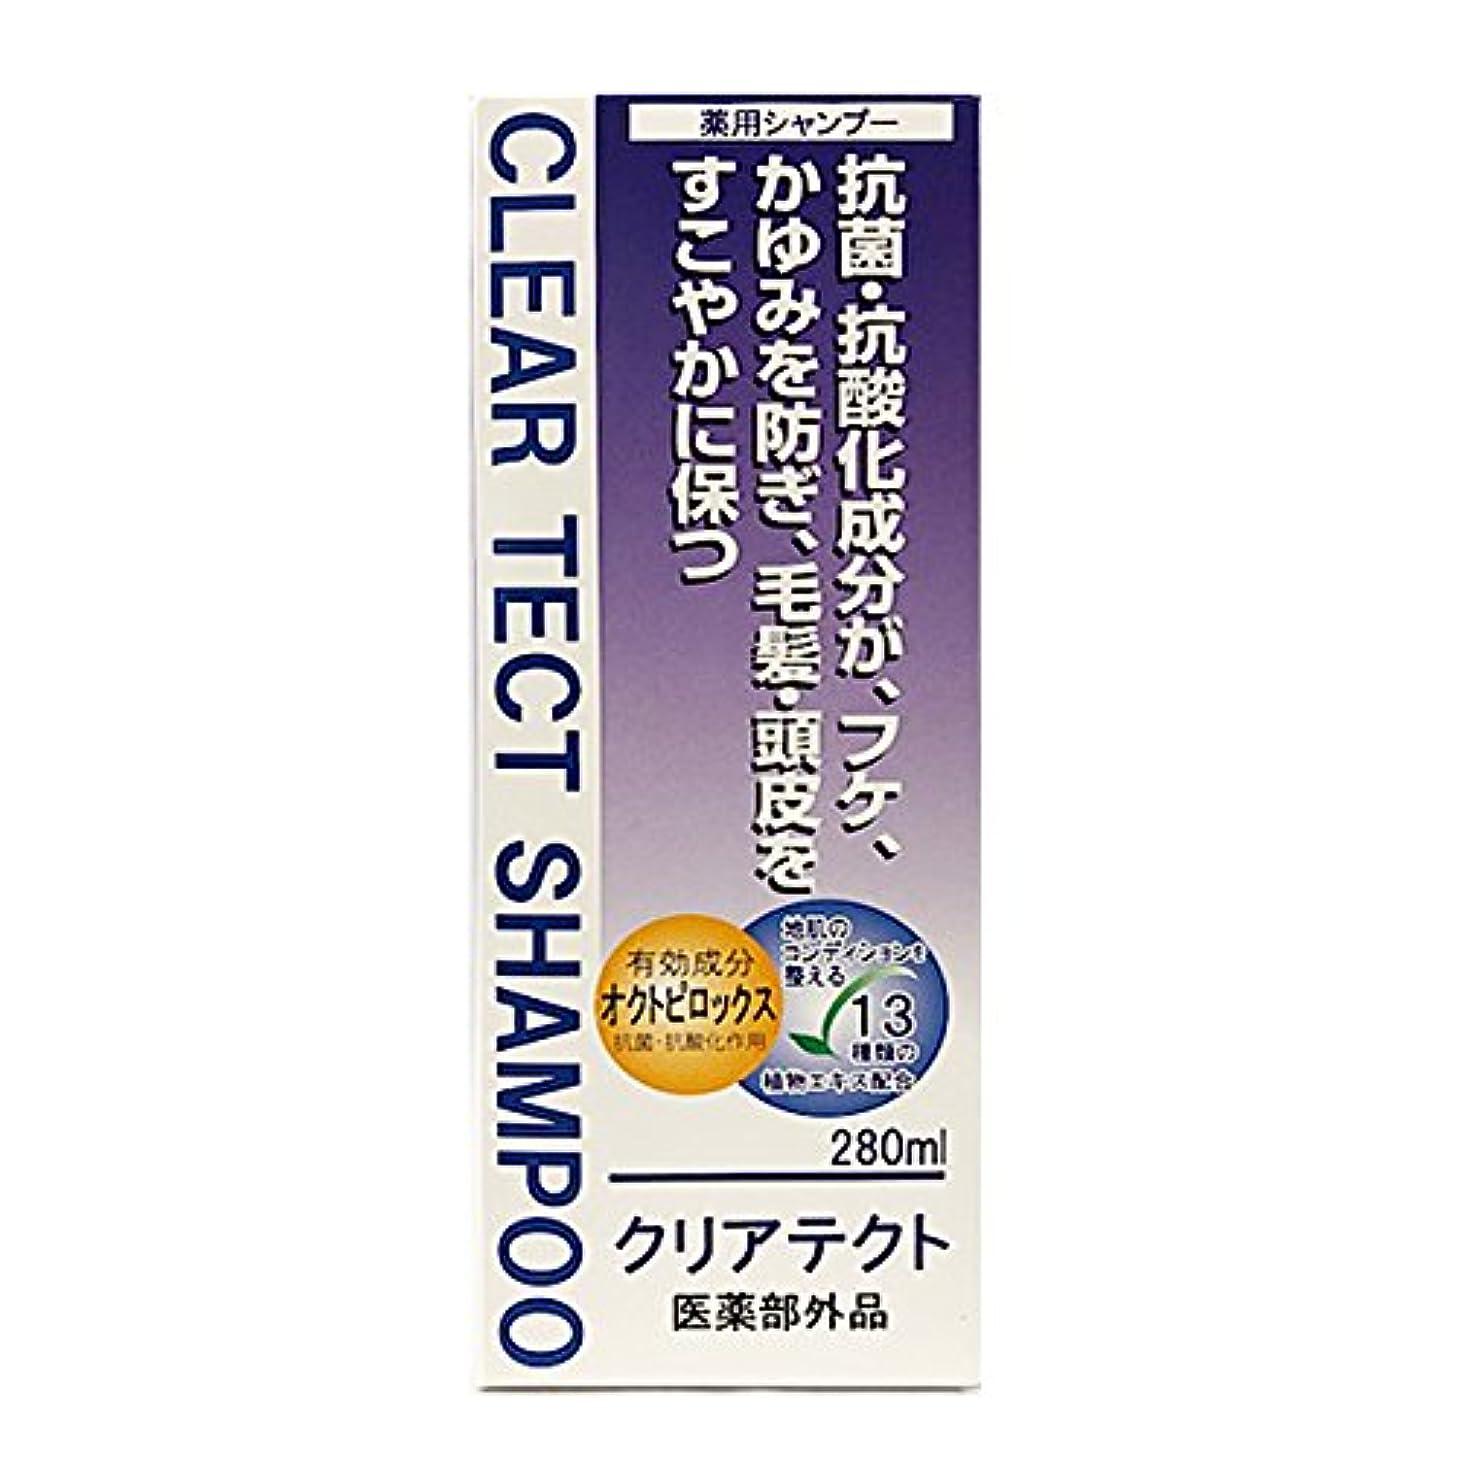 浴それにもかかわらず熱【医薬部外品】クリアテクト薬用シャンプーa 280ml